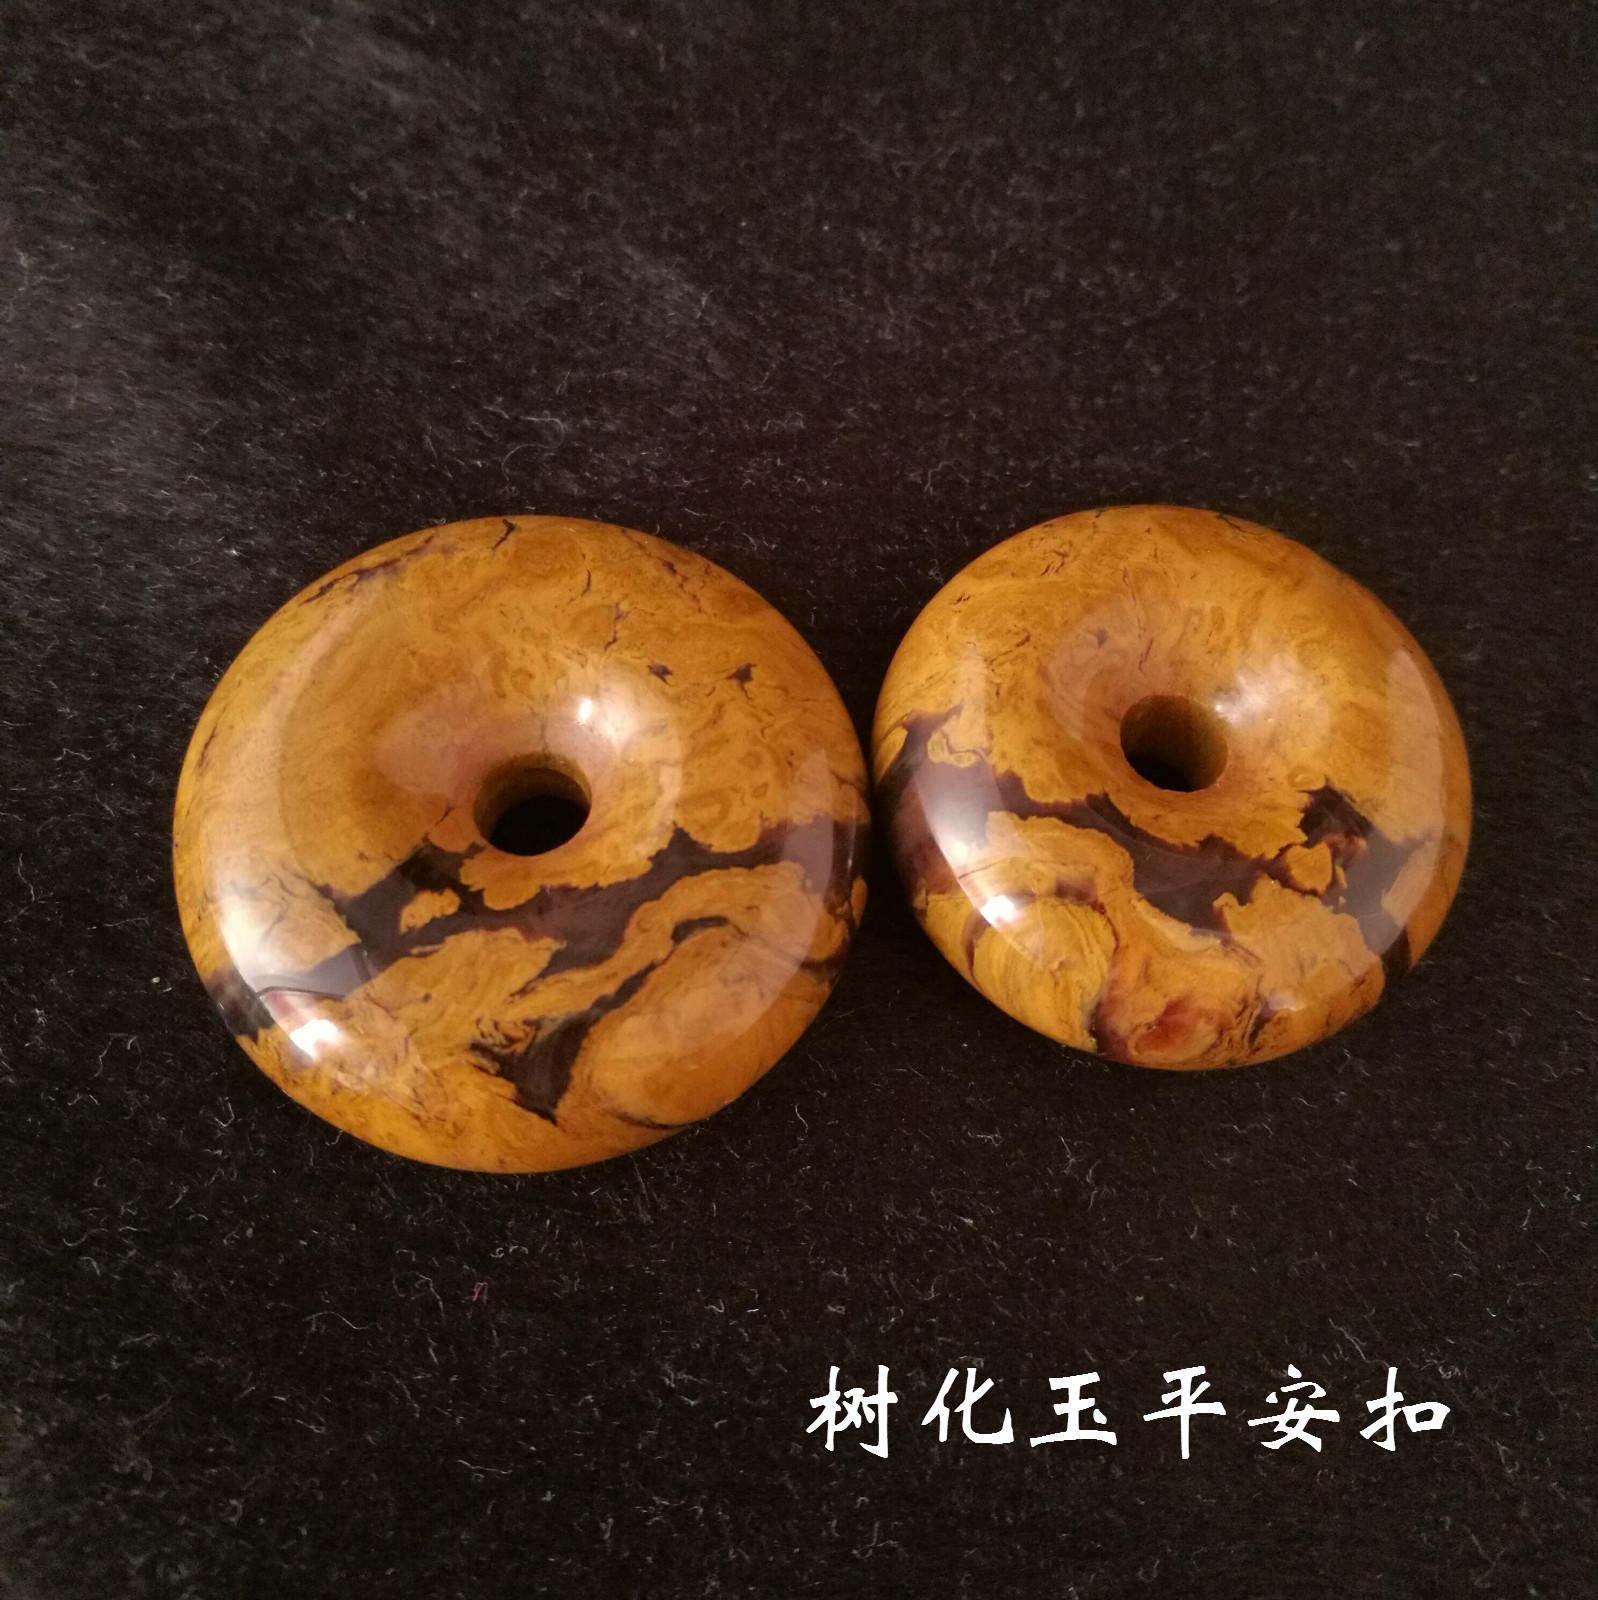 阜新金果瑪瑙北券戦国紅樹化玉カップル親子同材料ネックレス